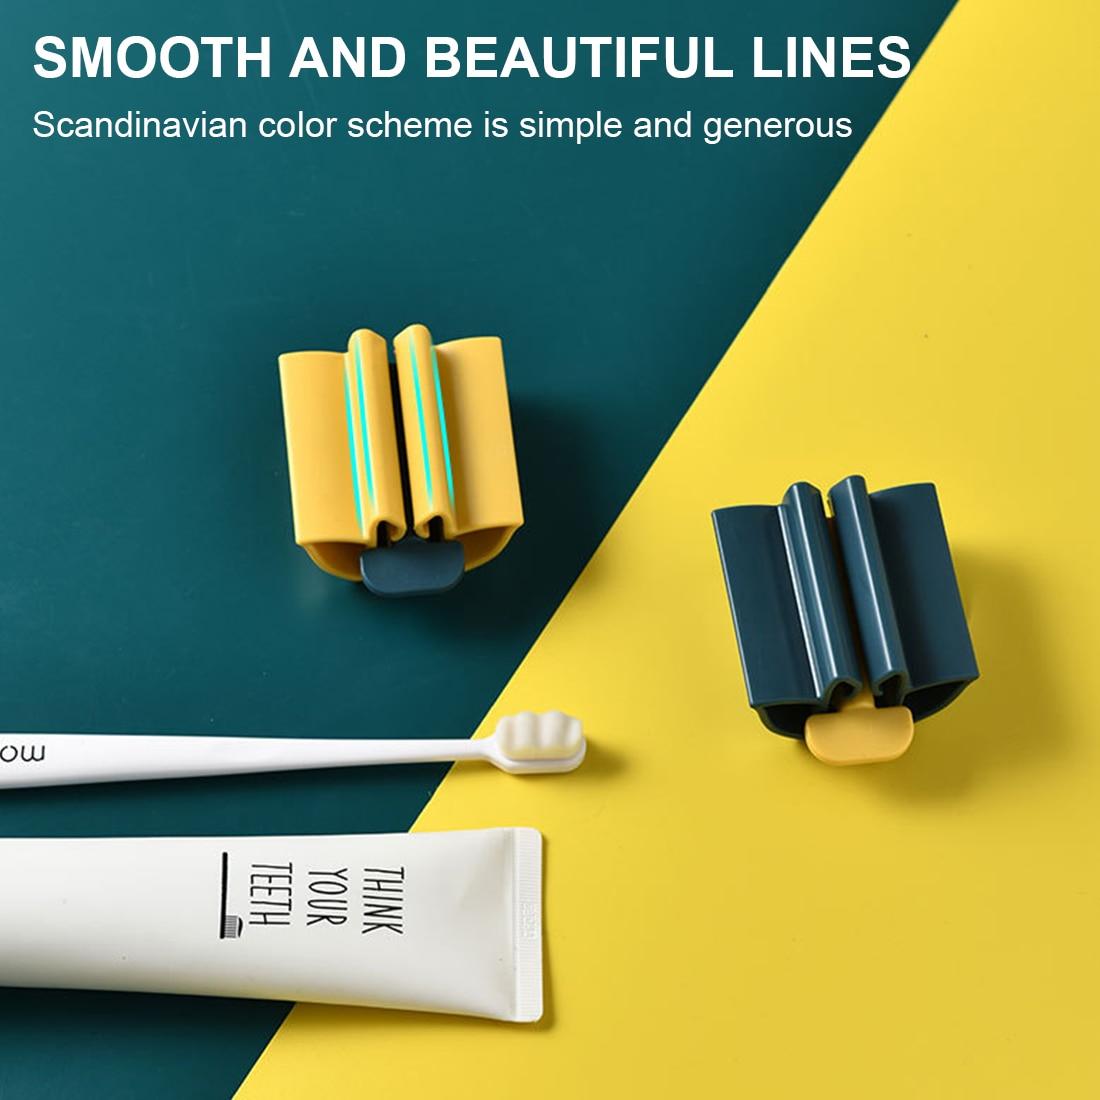 Exprimidor de pasta de dientes de tubo rodante para baño, soporte práctico...